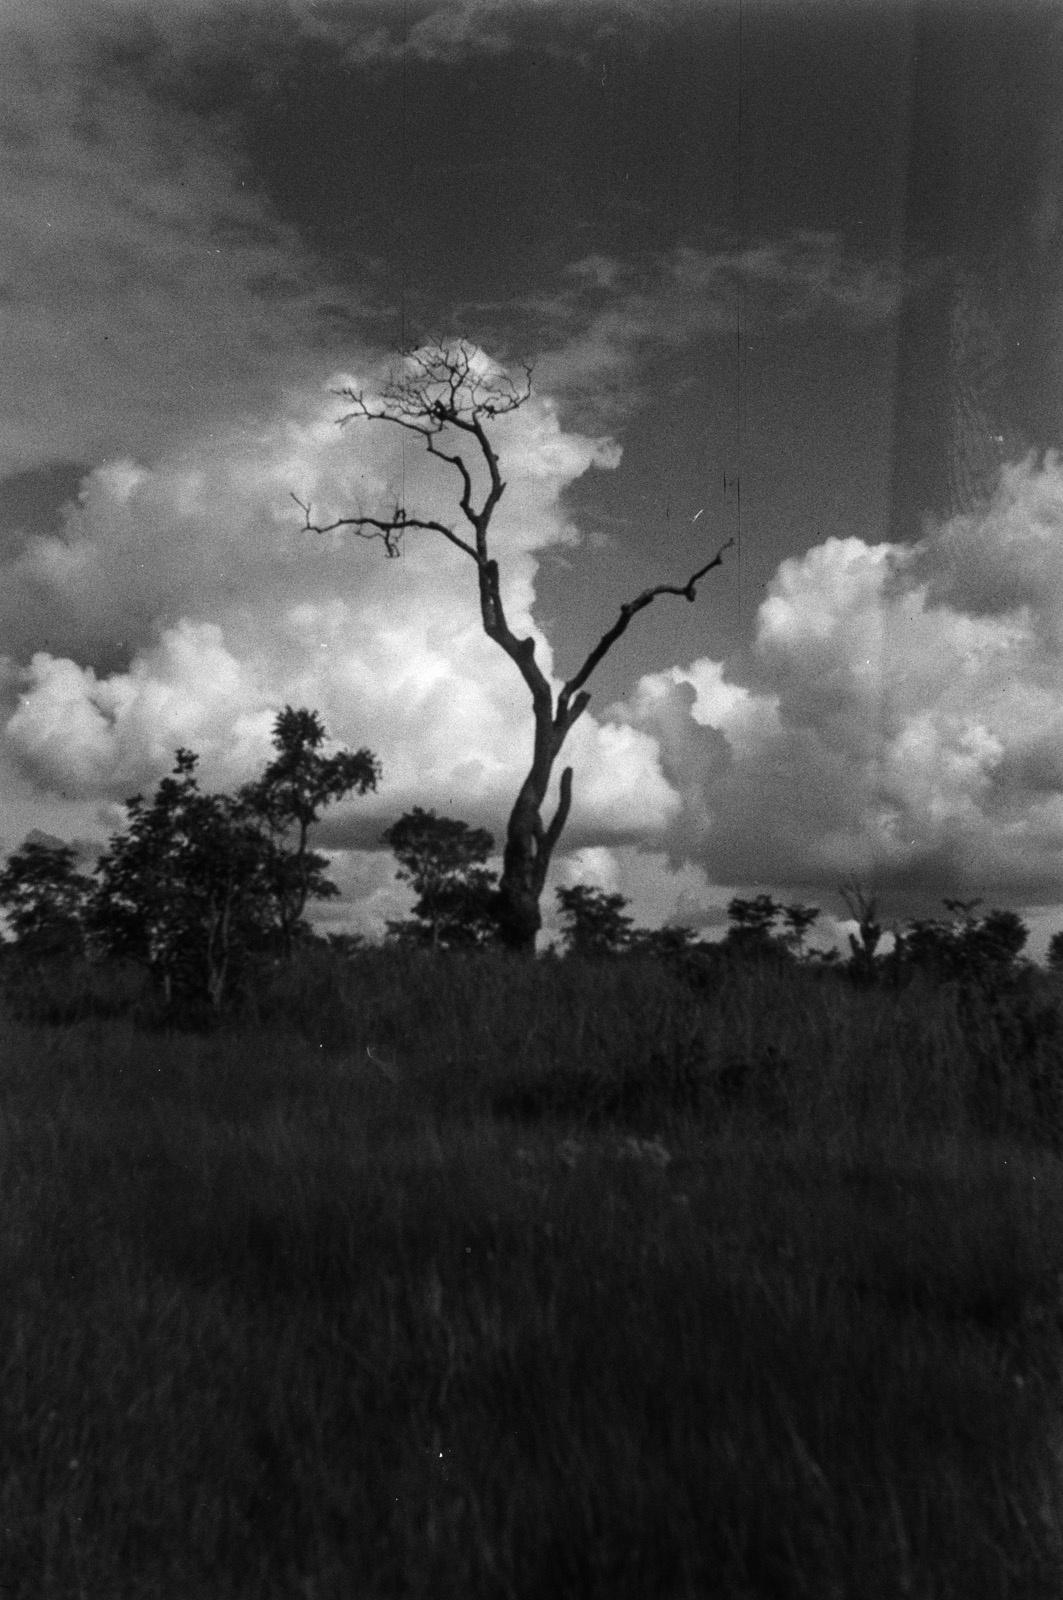 Между Капири Мпоши и рекой Лунсемфва. Доминируют в пейзаже высохшие останки огромного дерева